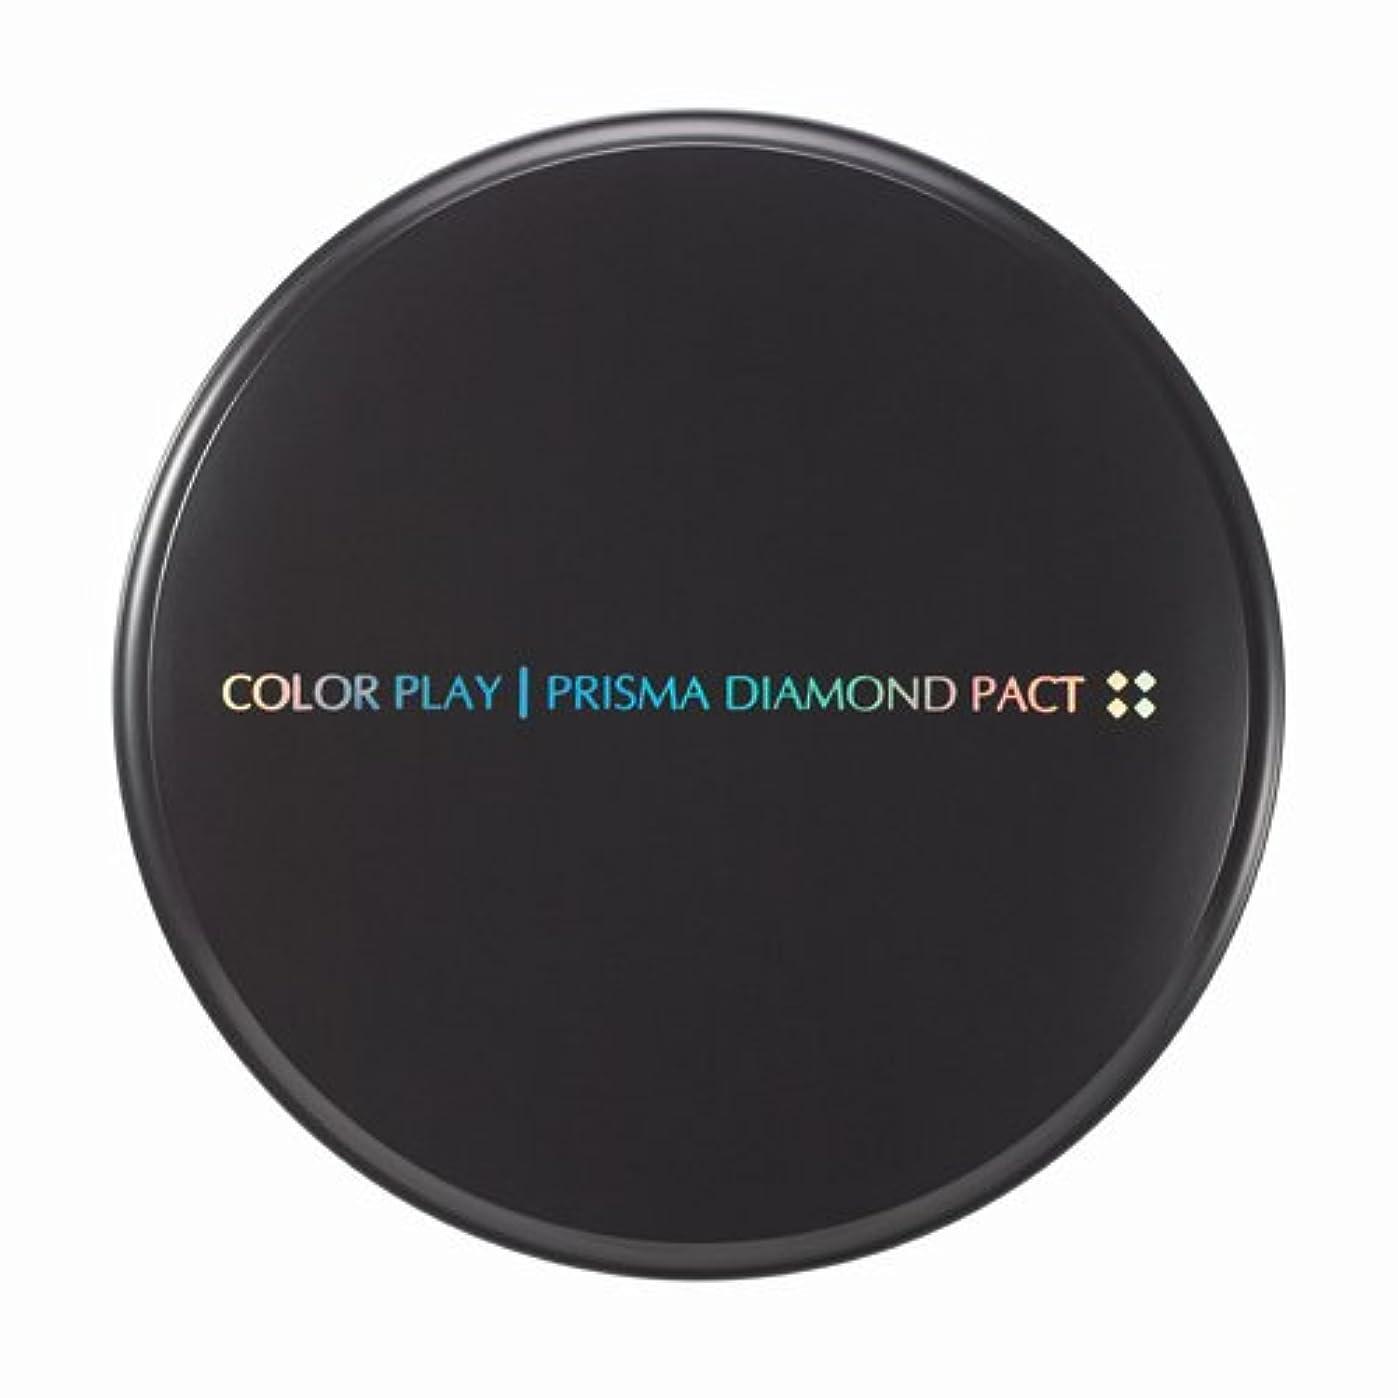 にぎやか神経障害ドラマ【It's skin(イッツスキン)】 Prisma Diamond Pact プリズマ ダイアモンド パクト SPF25,PA++ 21号:ライトベージュ